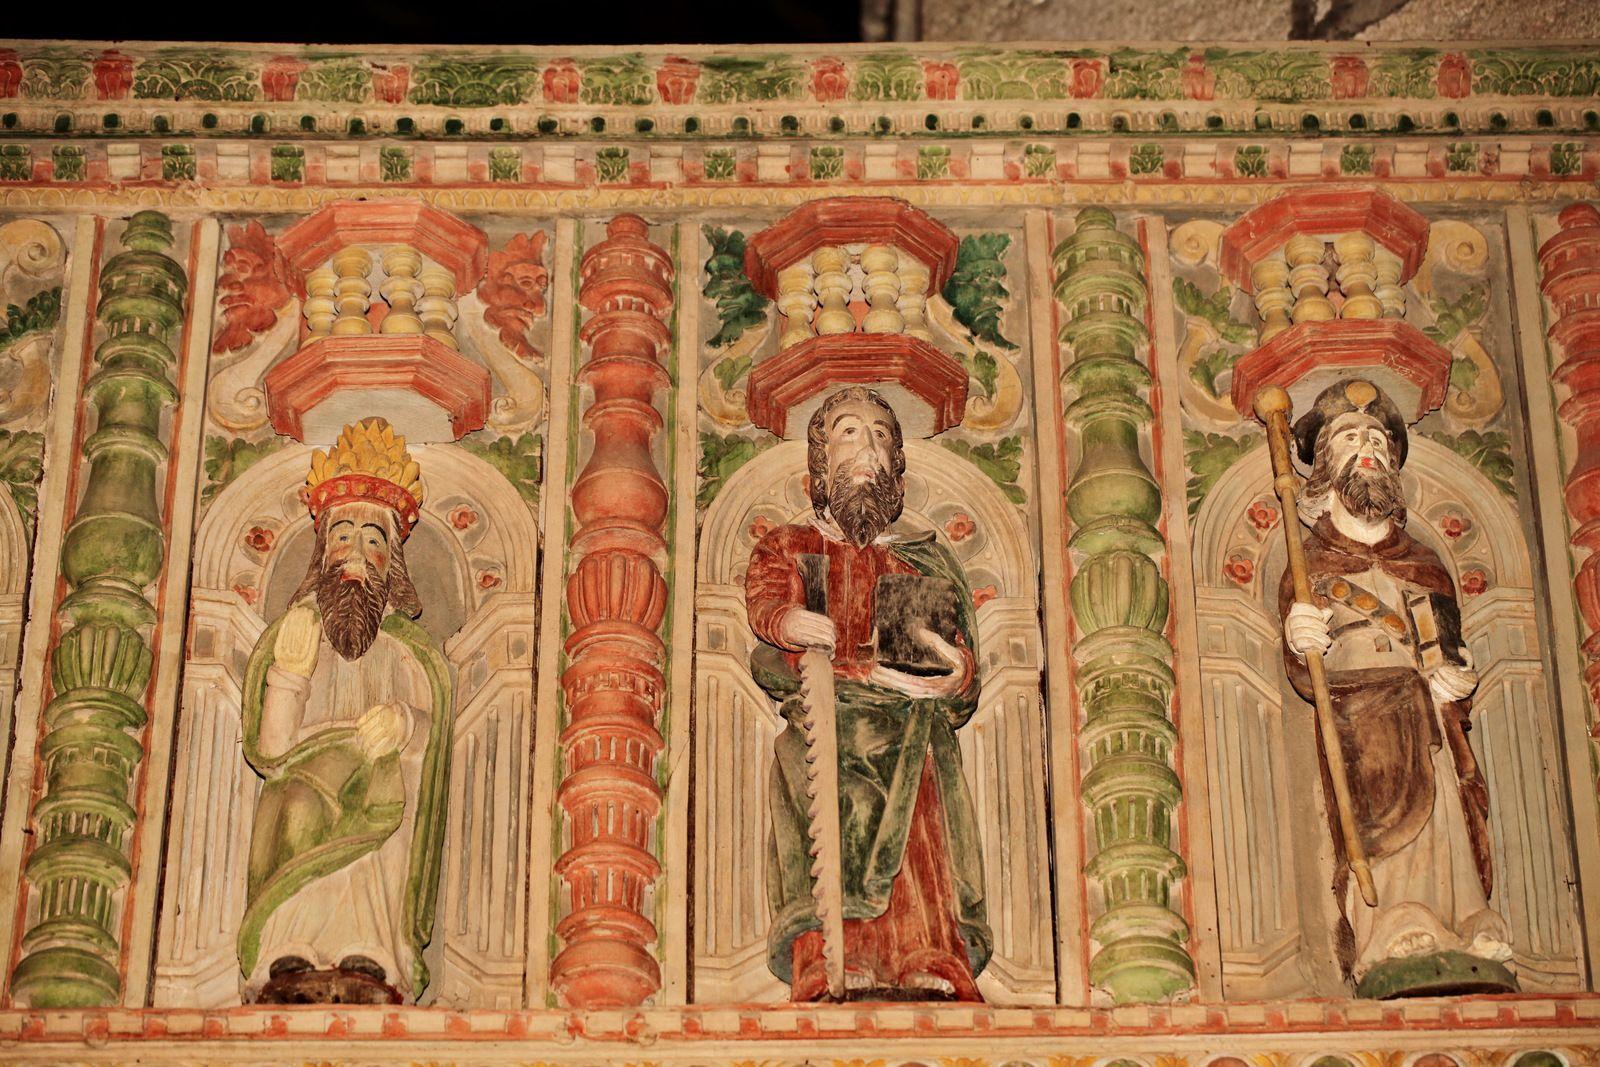 Tribune du jubé (chêne polychrome, v. 1560) de l'église de La Roche-Maurice. Photographie lavieb-aile 2017 et 2020.